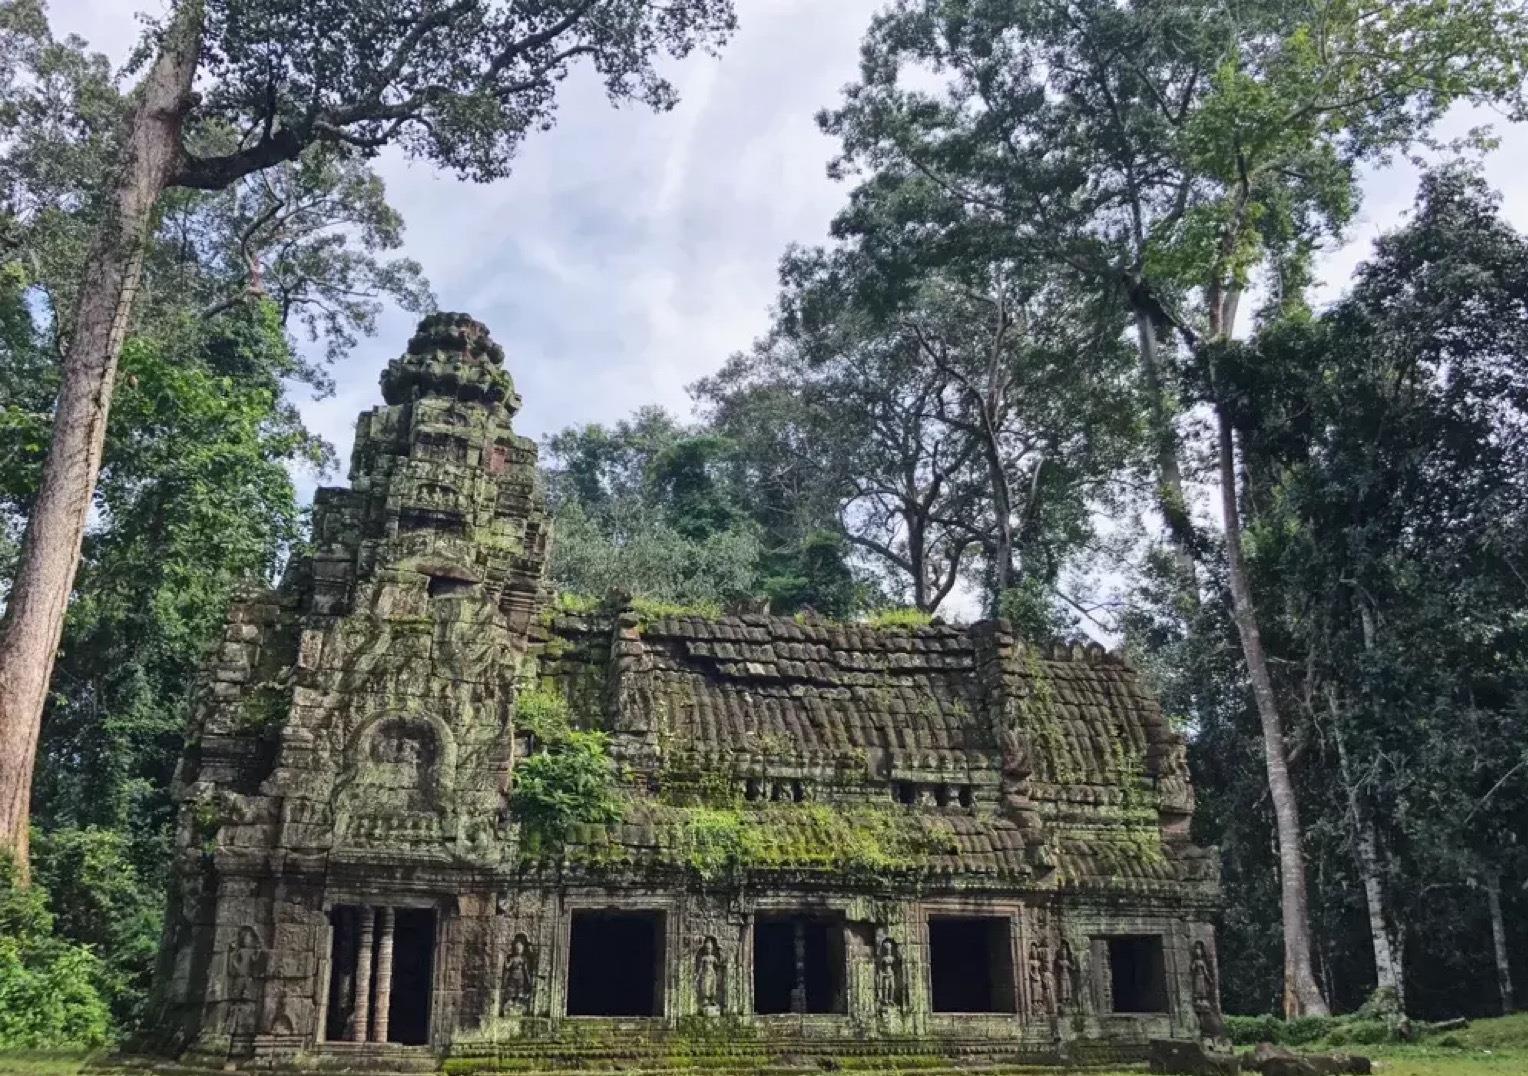 去柬埔寨吴哥窟攻略,闺蜜七天八晚穷游柬埔寨